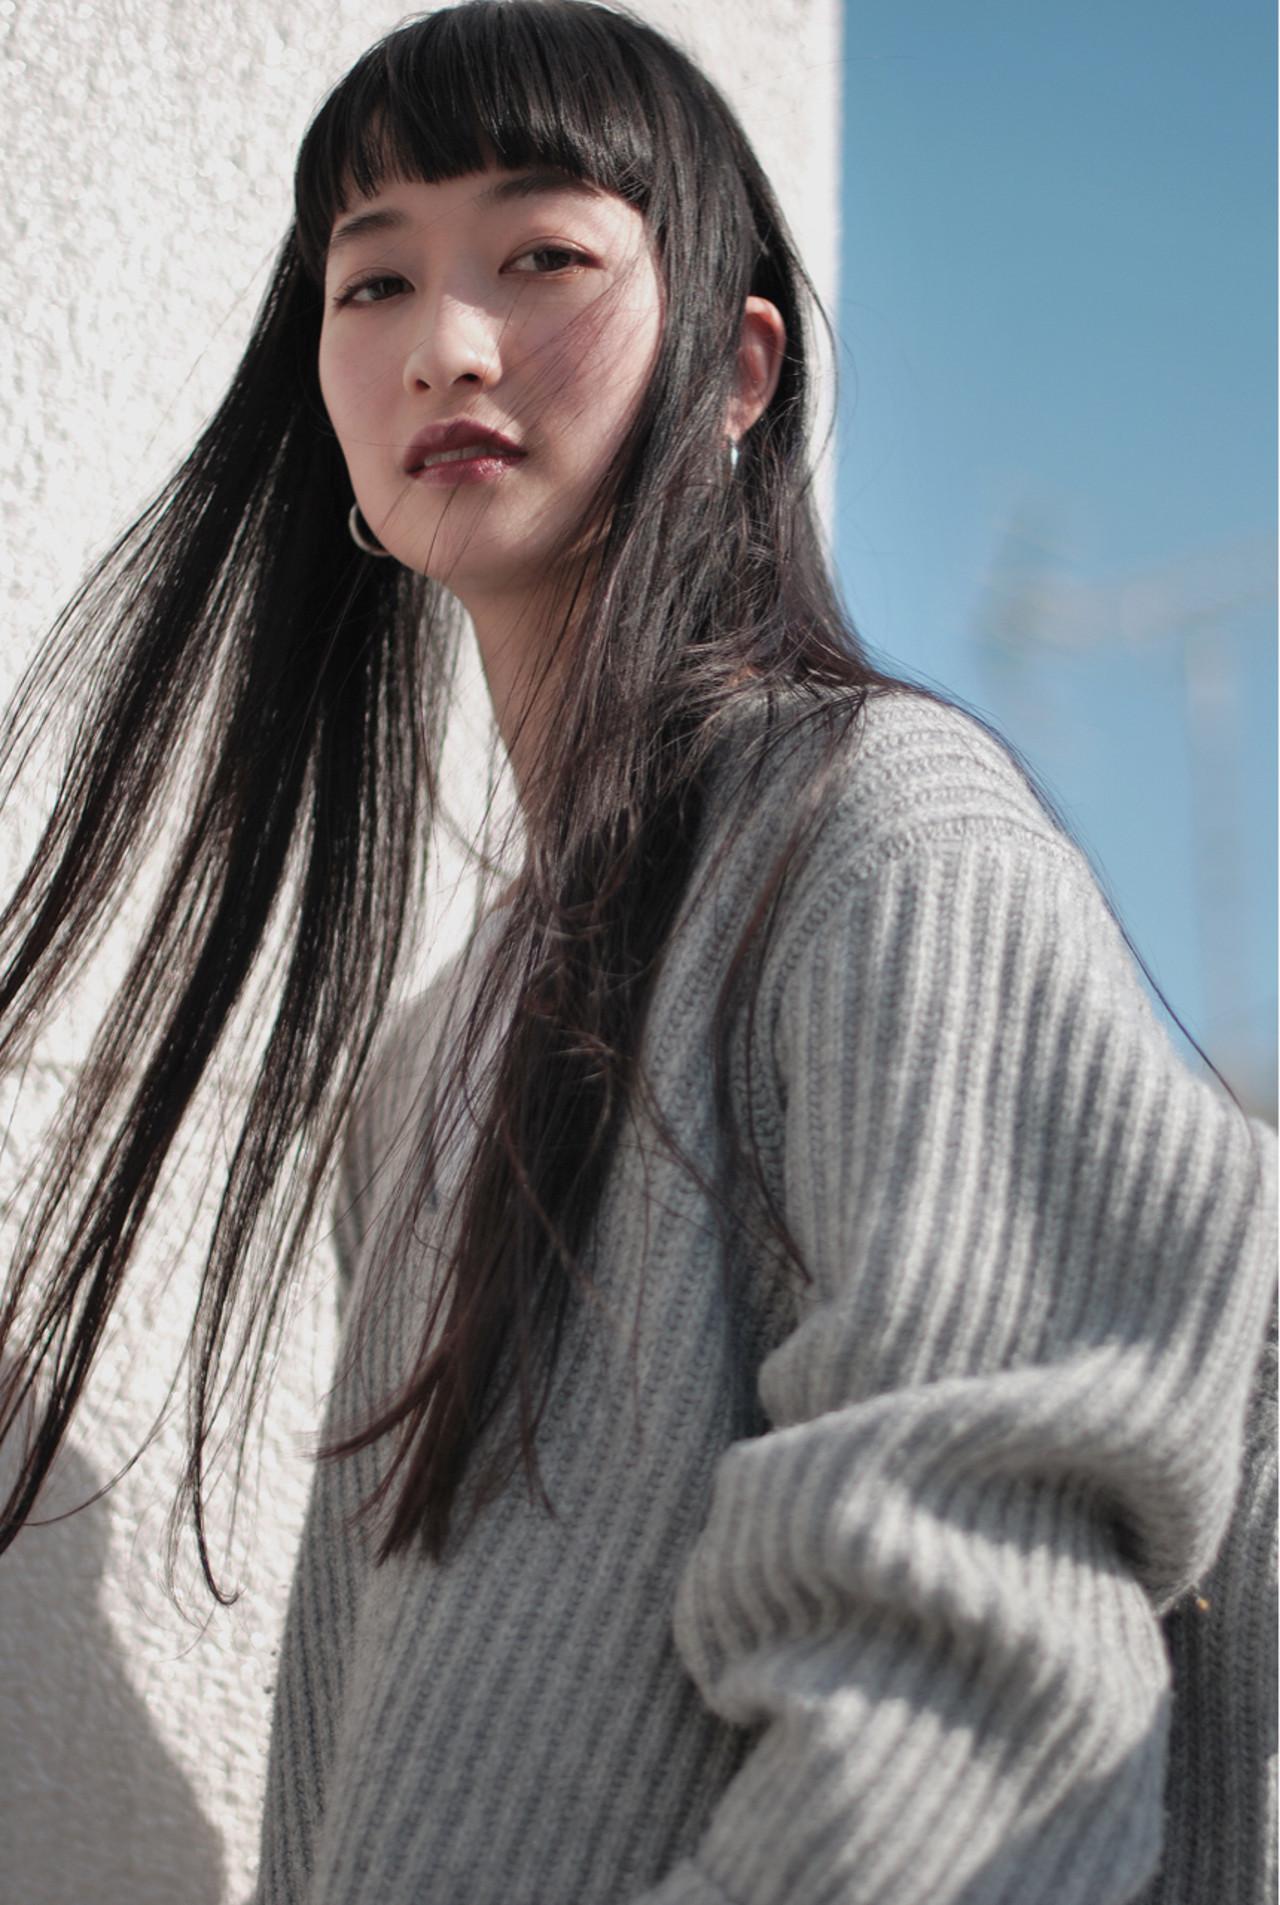 黒髪ロング×前髪ありは可愛い系にもモード系にも! ニシムラ カナ